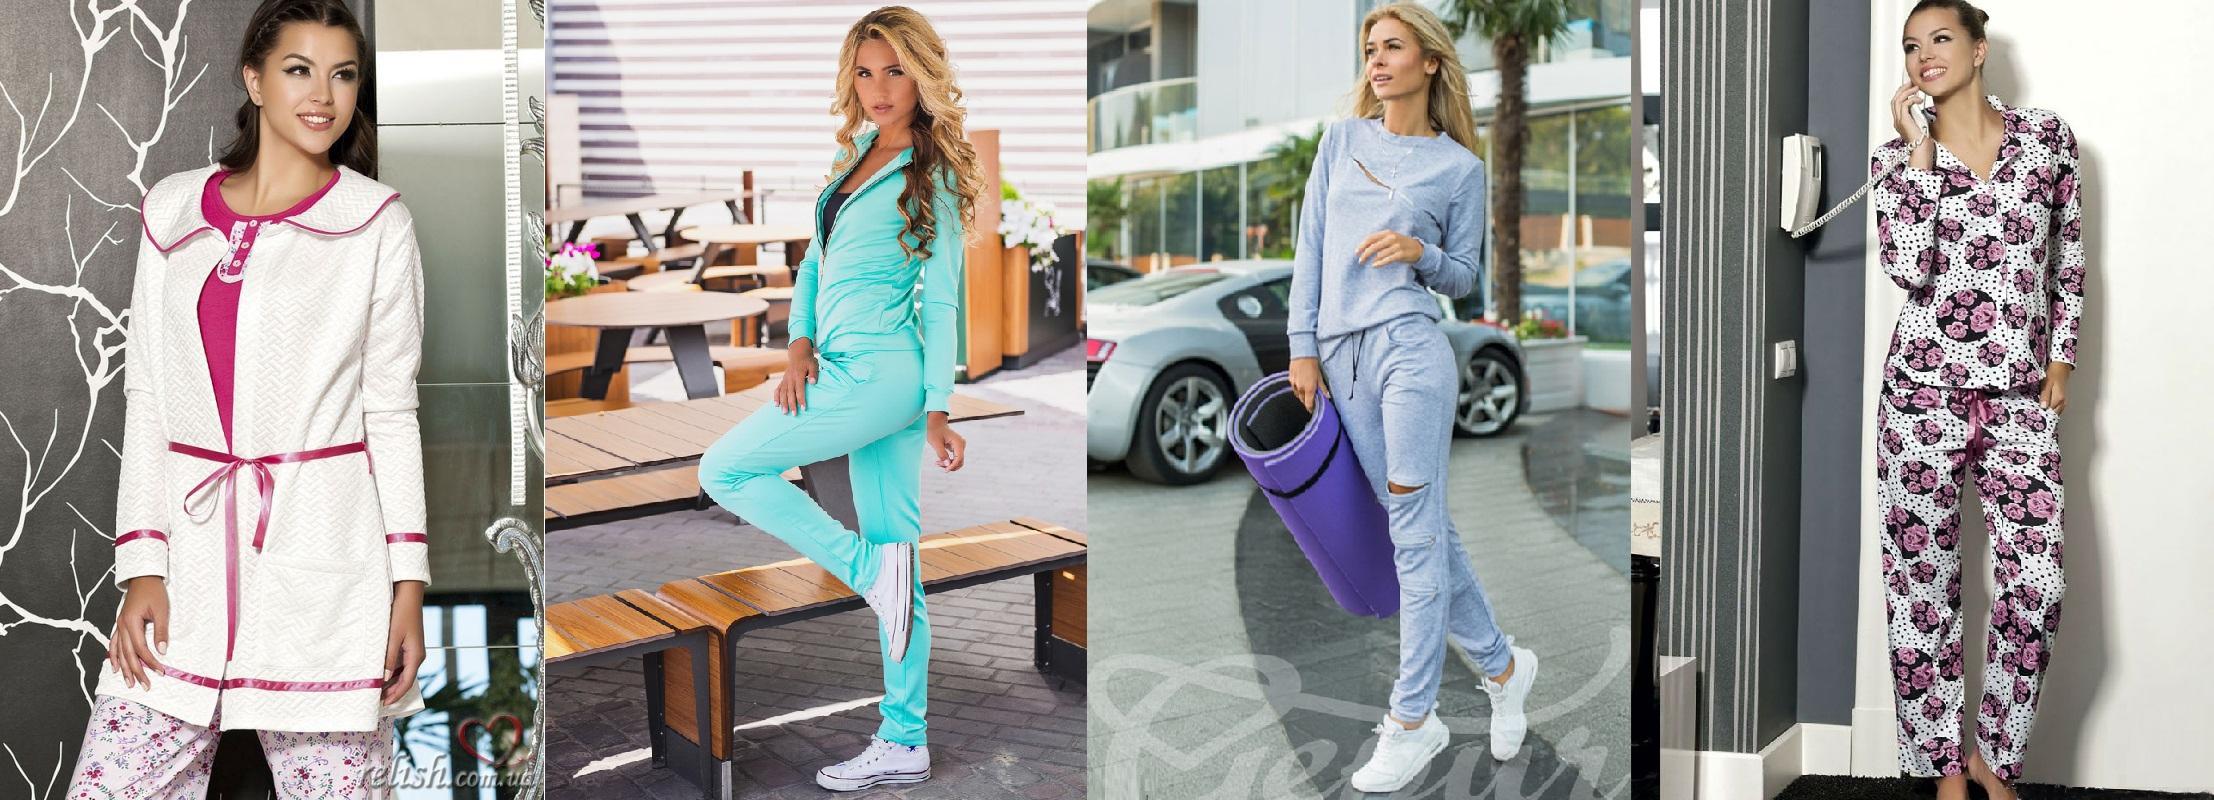 Женские комплекты костюмы одежда для дома Maranda Gepur SK House купить интернет-магазин Киев